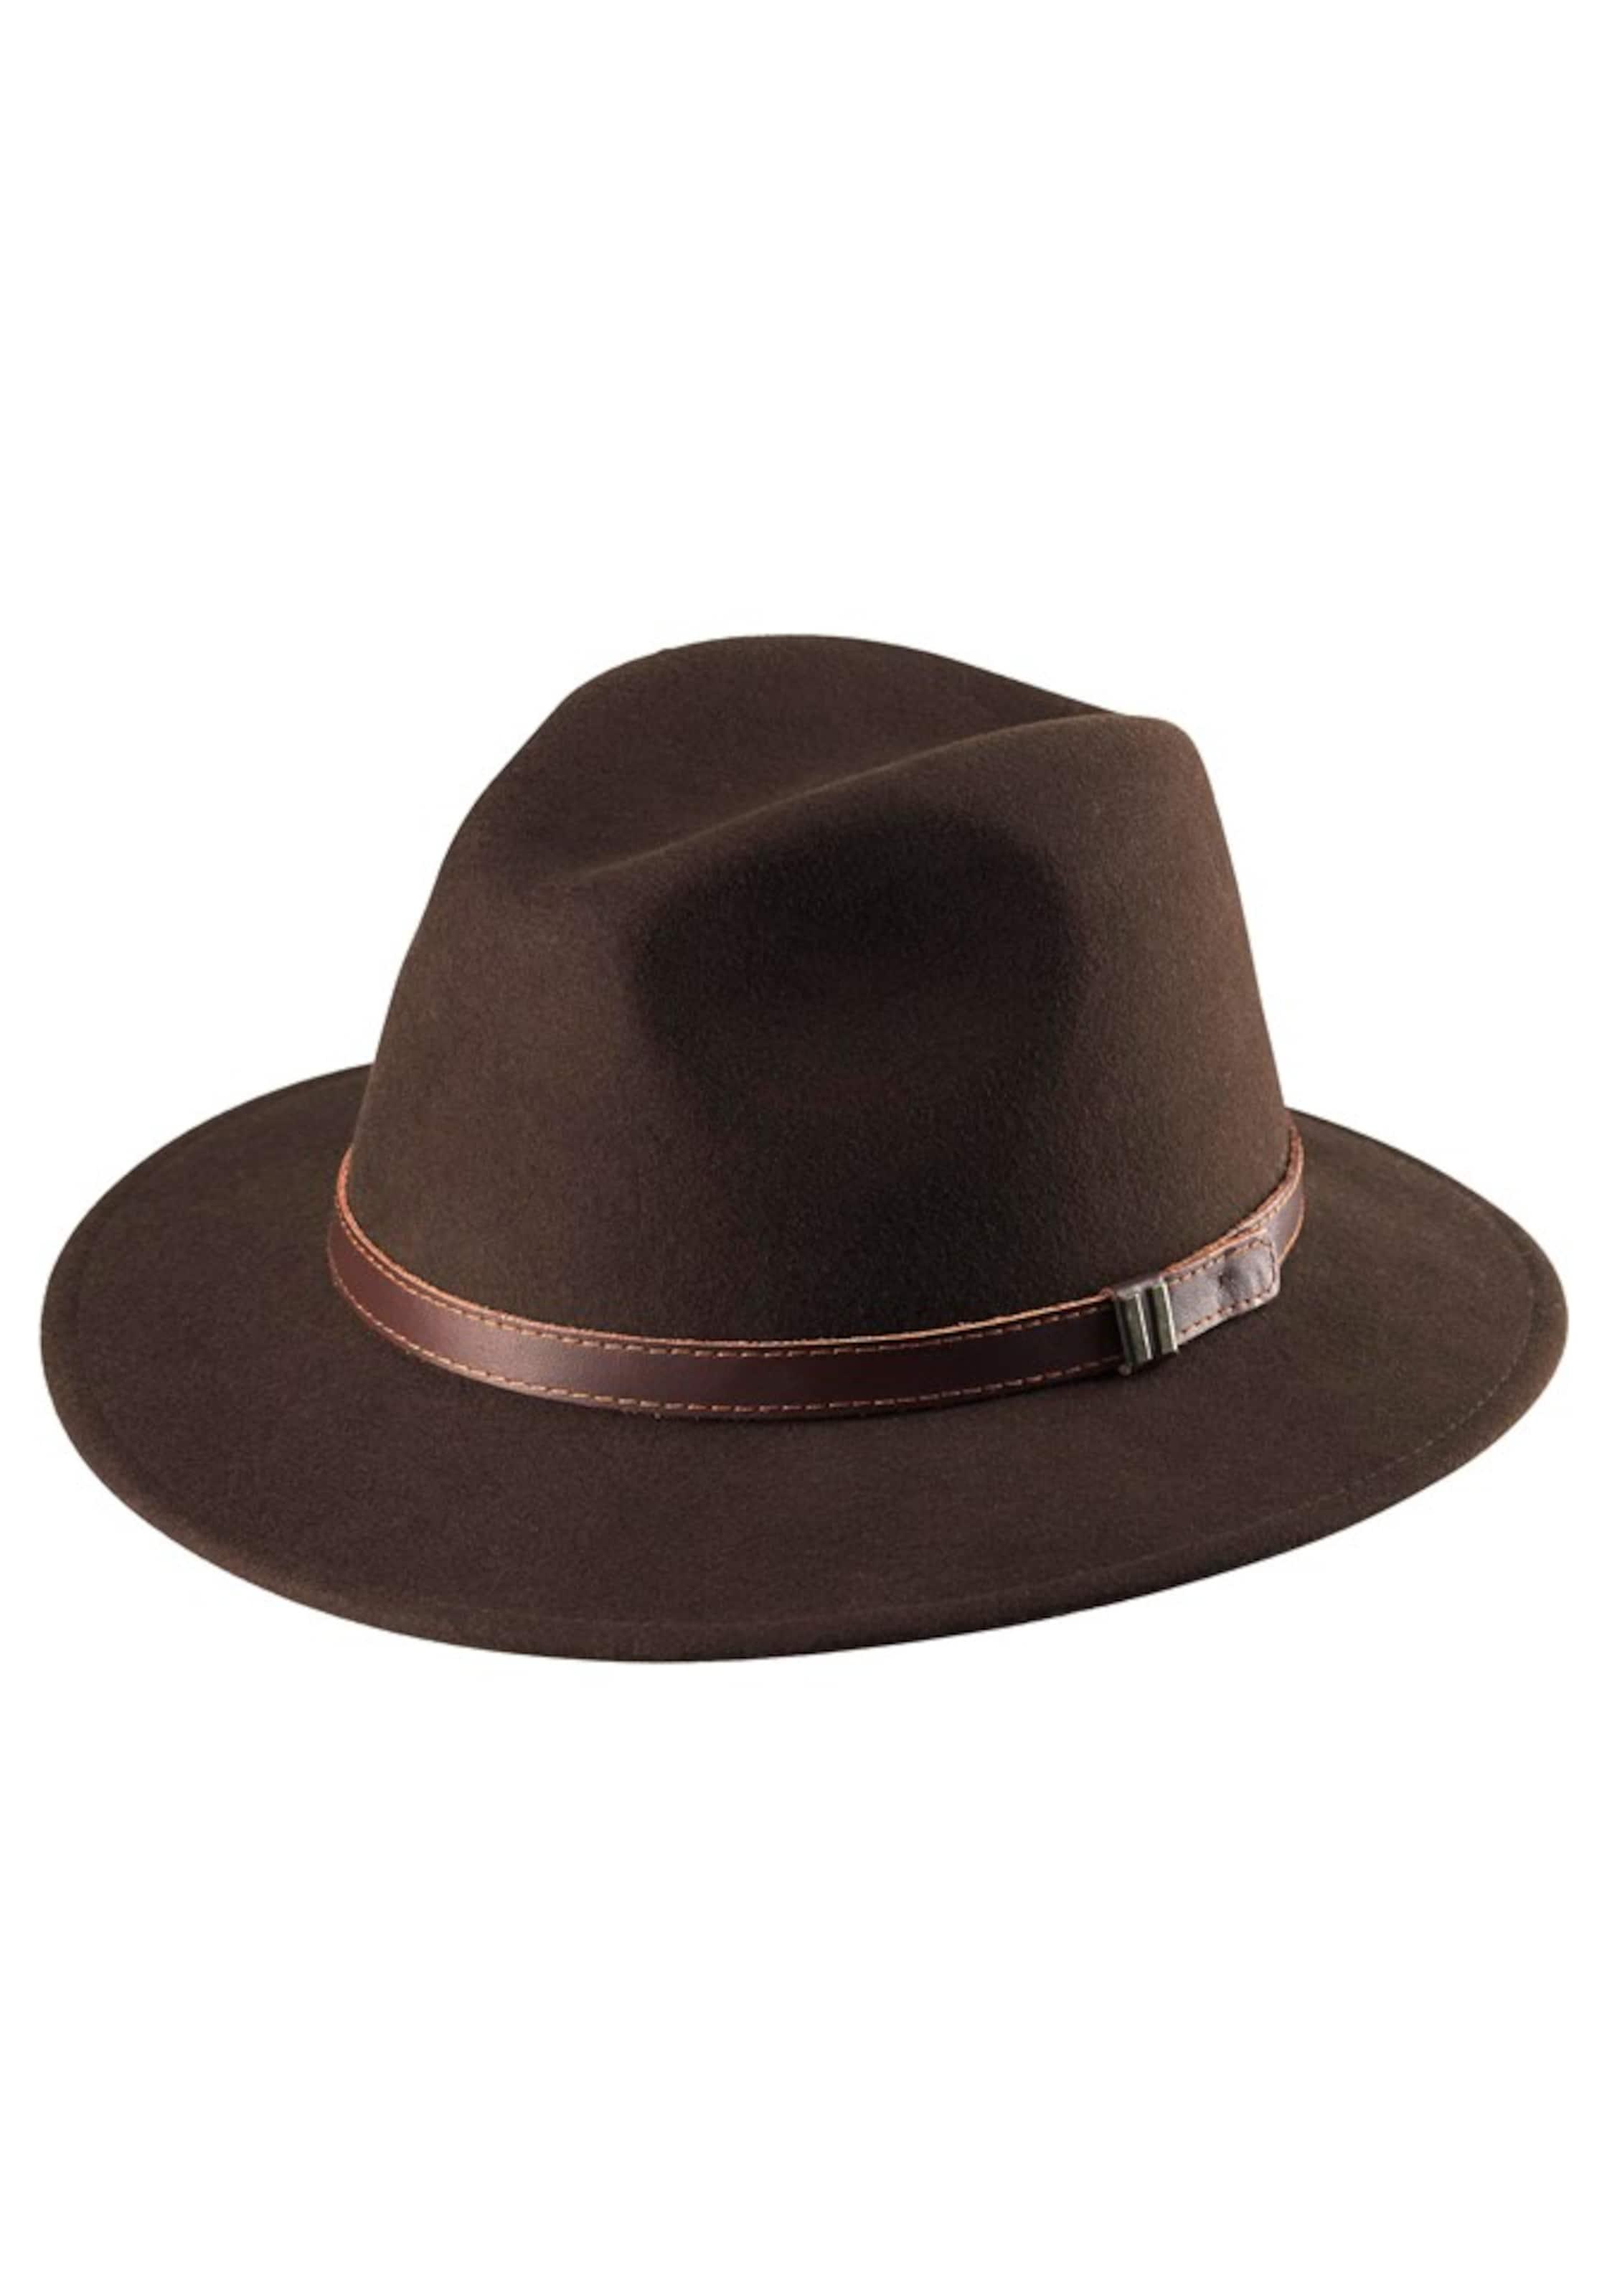 Ausverkauf J. Jayz Hut »mit dekorativem Hutband« Günstigste Online-Verkauf Günstig Kaufen Eastbay UZ1Fmsg6JW